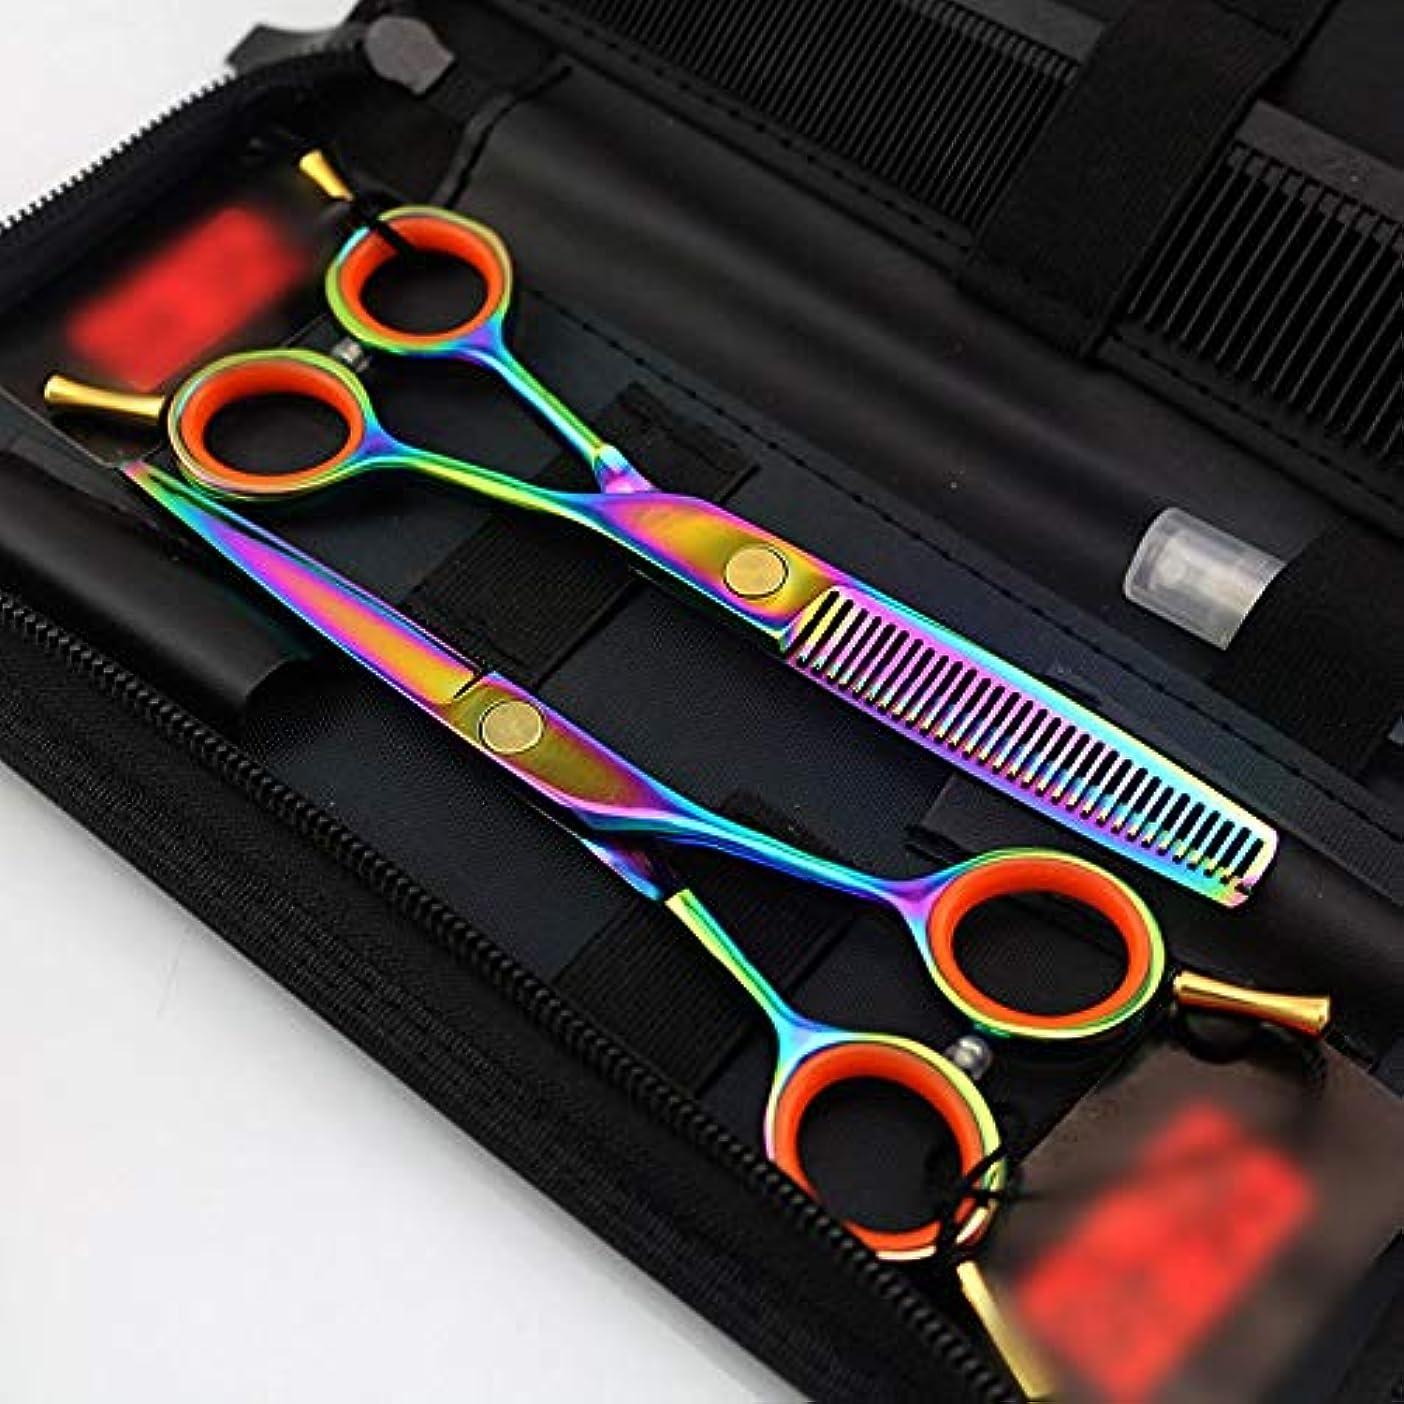 感性命題テープ5.5インチ両側プロフェッショナル理髪セット、理髪はさみセットフラットせん断+歯はさみセット モデリングツール (色 : Colors)